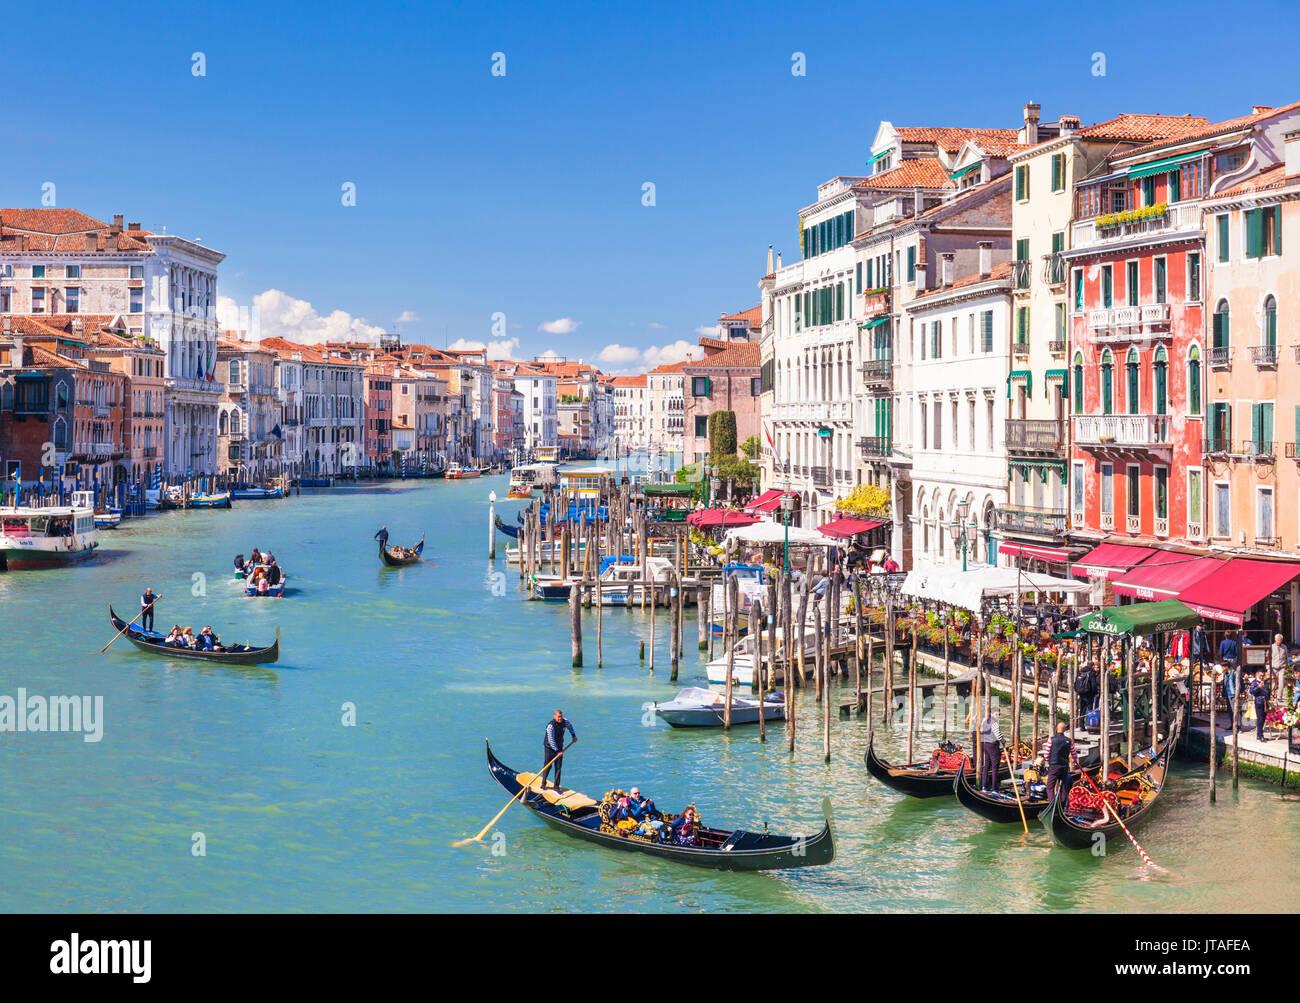 Gondole, con turisti, sul Canal Grande, accanto al Fondementa del Vin, Venezia, Sito Patrimonio Mondiale dell'UNESCO, Veneto, Italia, Europa Immagini Stock